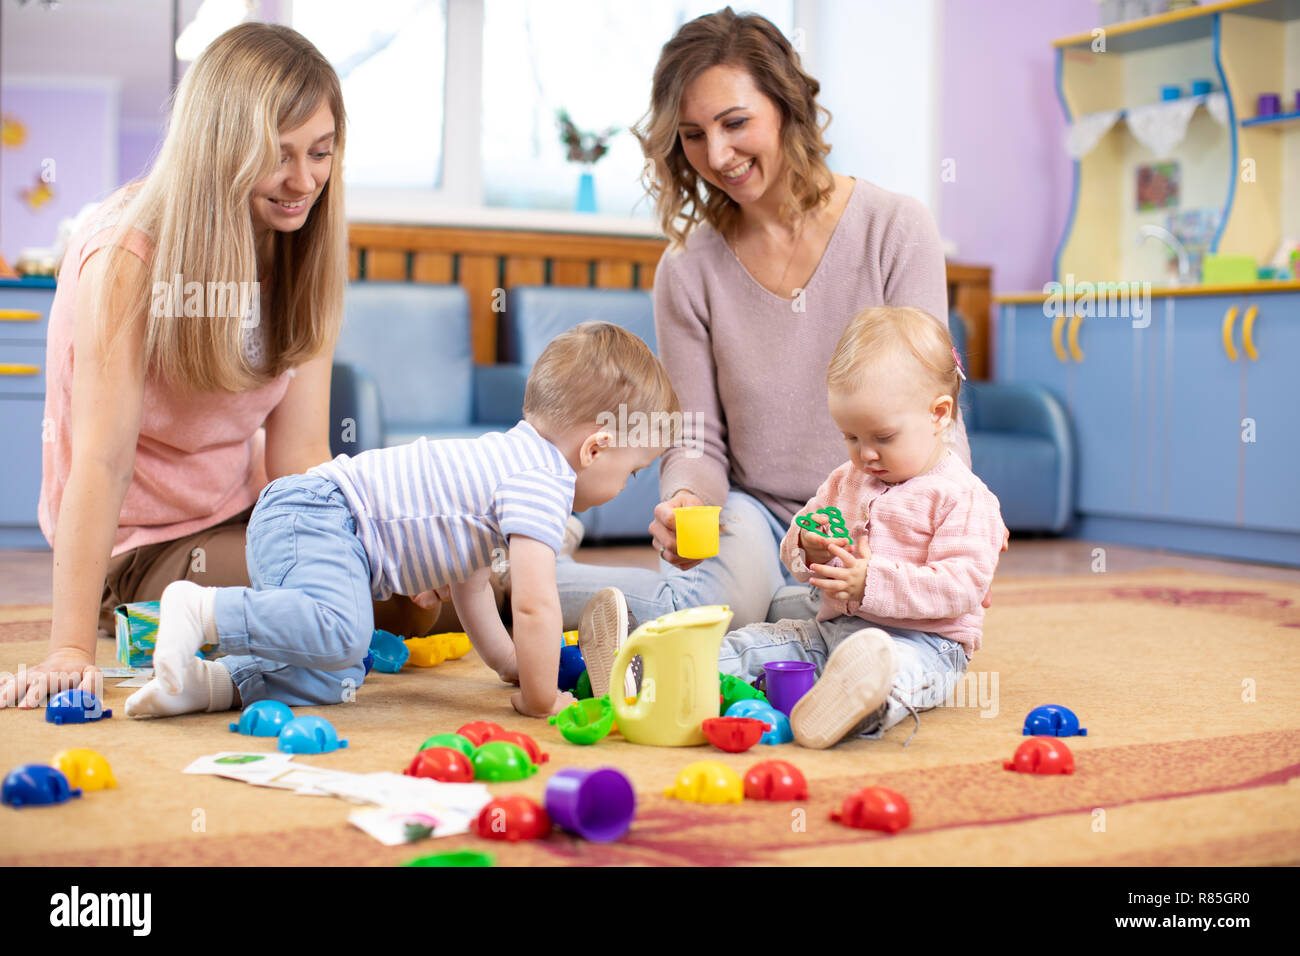 Fußboden Im Kinderzimmer ~ Babys kleinkinder kriechen und spaß auf fußboden im kinderzimmer